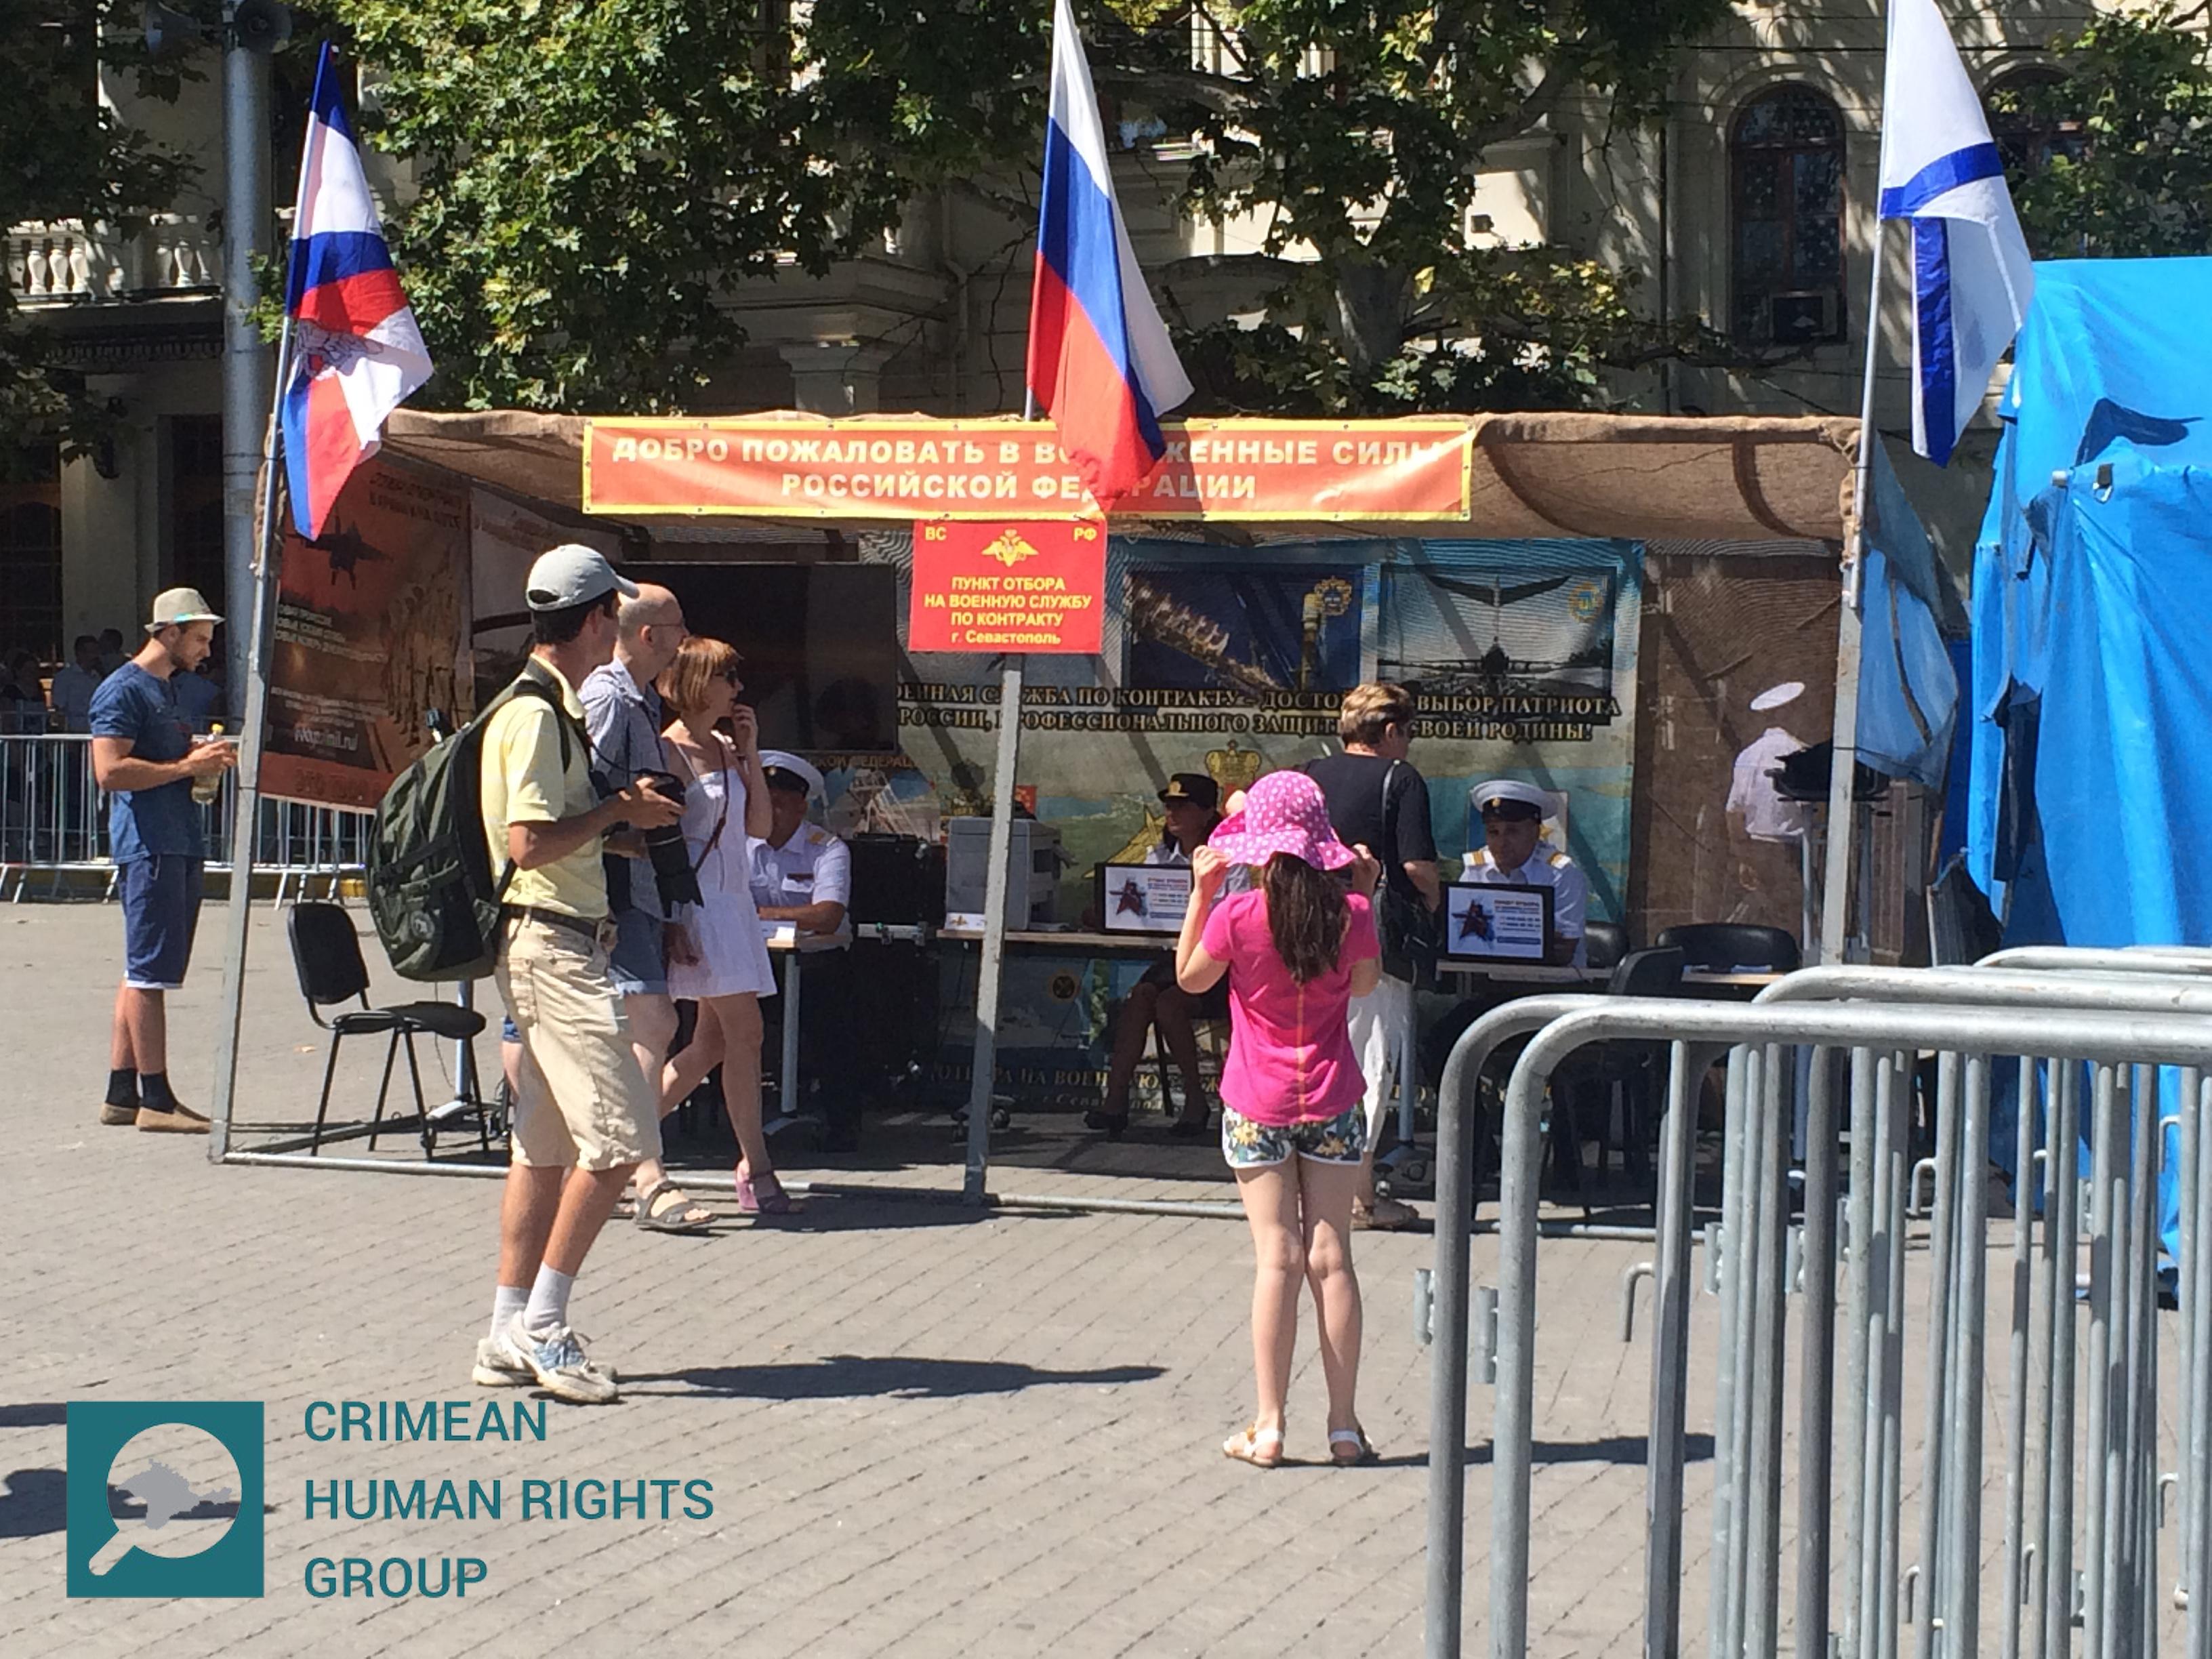 Кримчан вербують в армію РФ у порушення Женевської конвенції  про захист цивільного населення під час війни